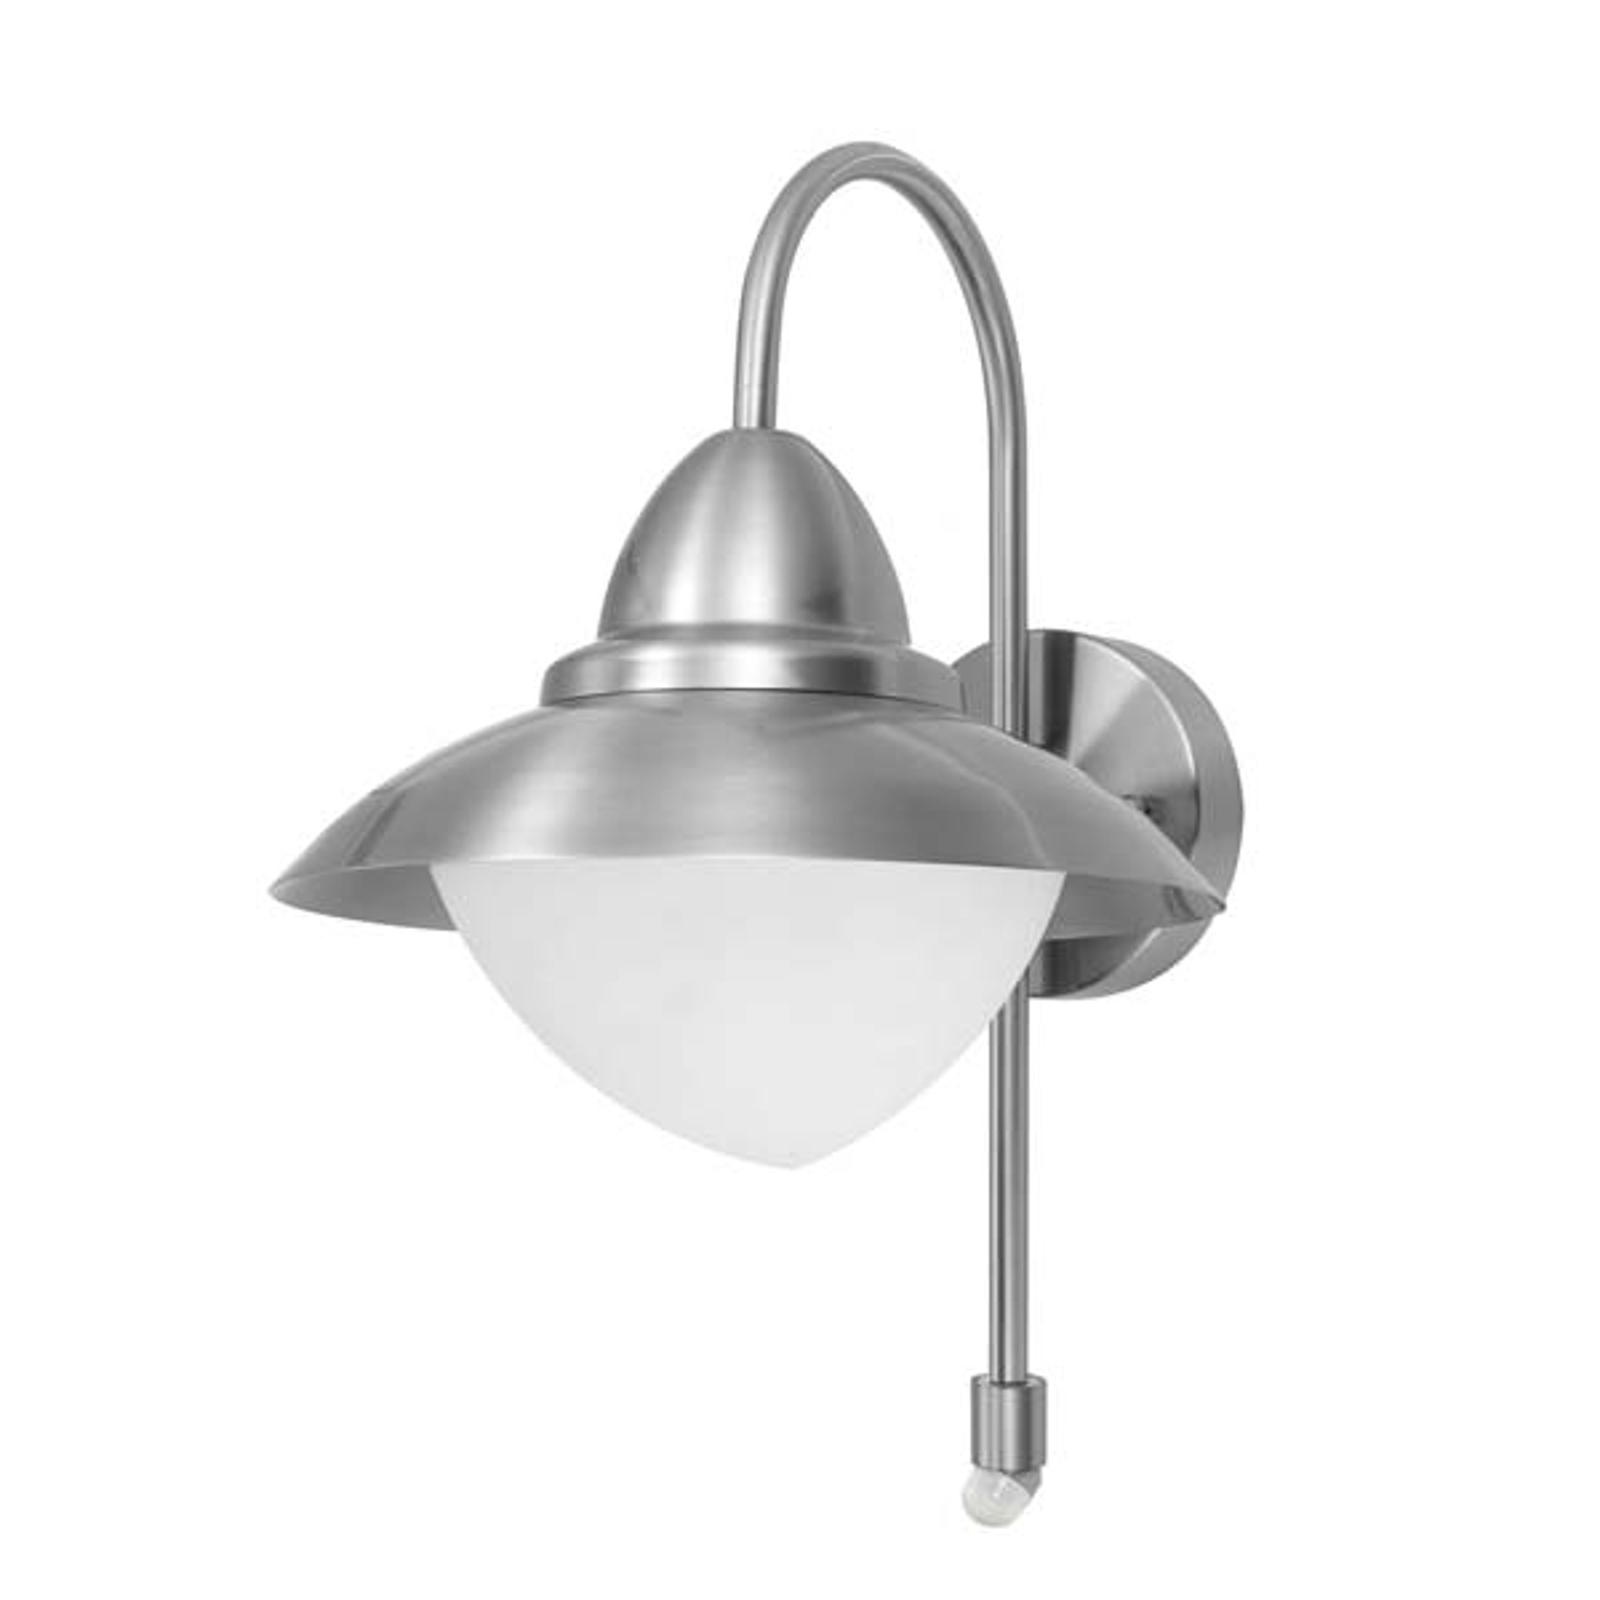 Vegglampe Sidney med bevegelsesmelder